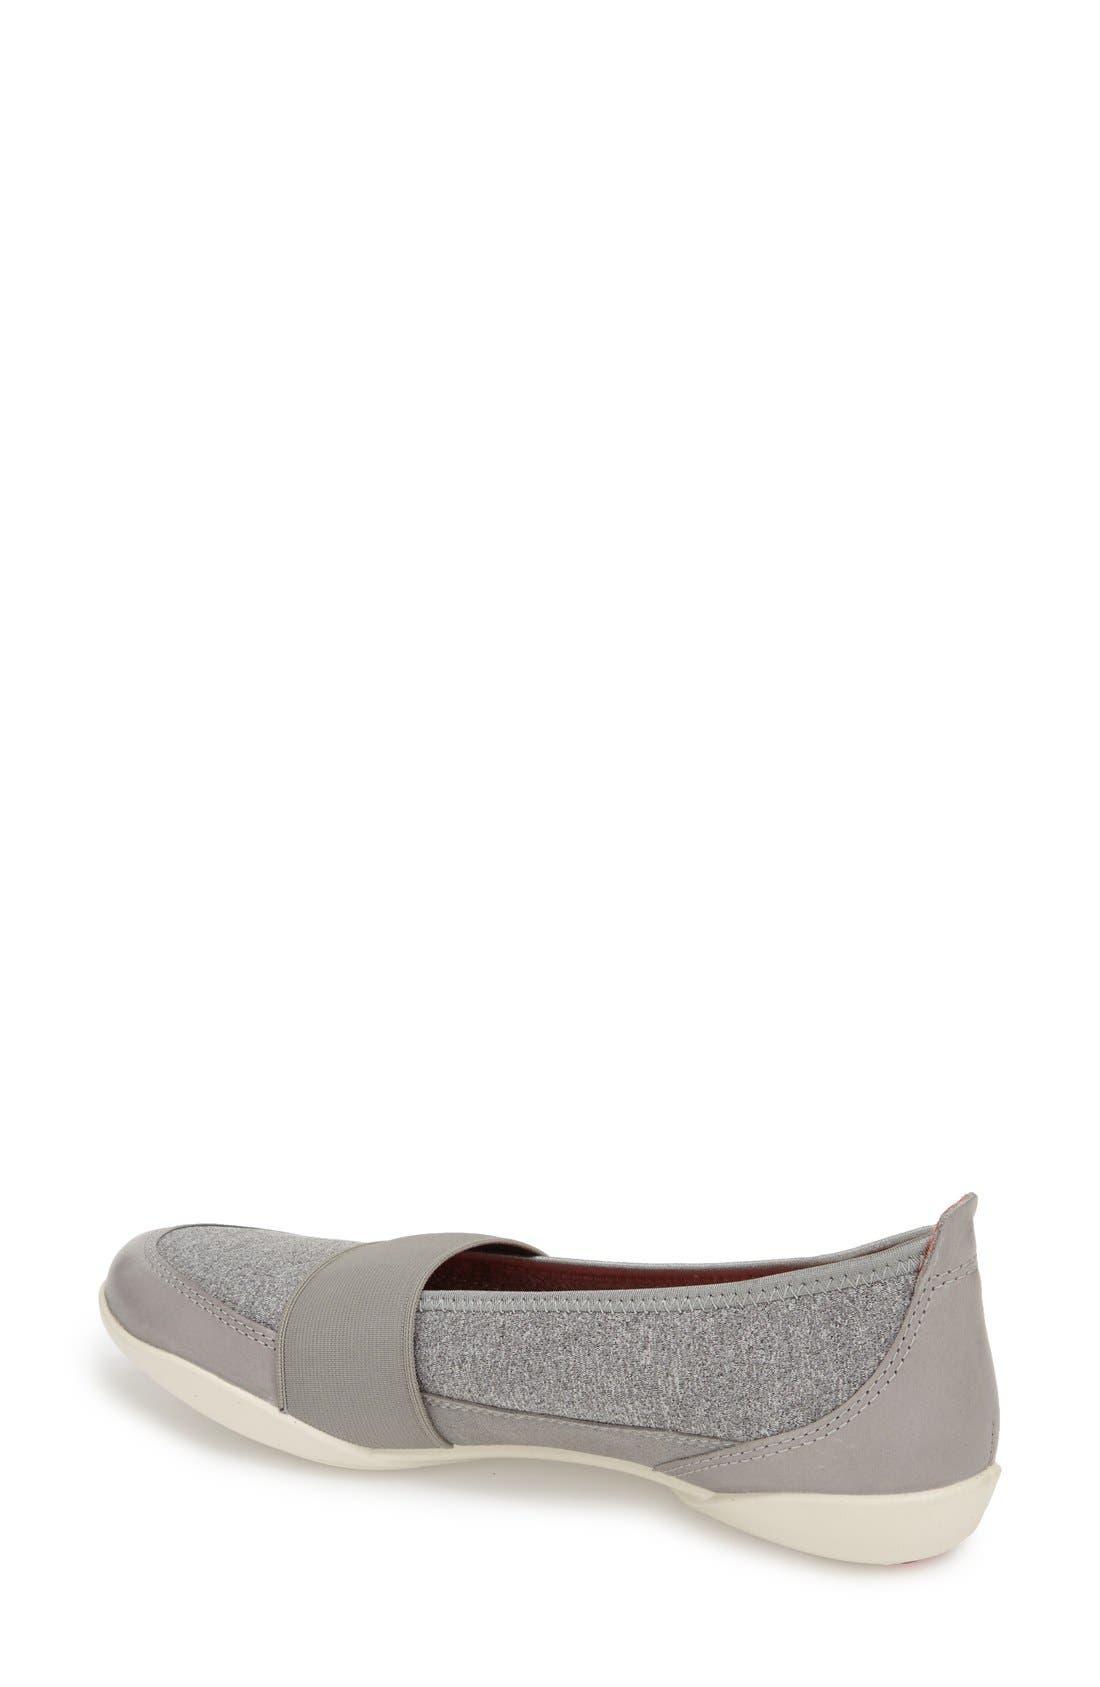 'Bluma' Slip-On Sneaker,                             Alternate thumbnail 11, color,